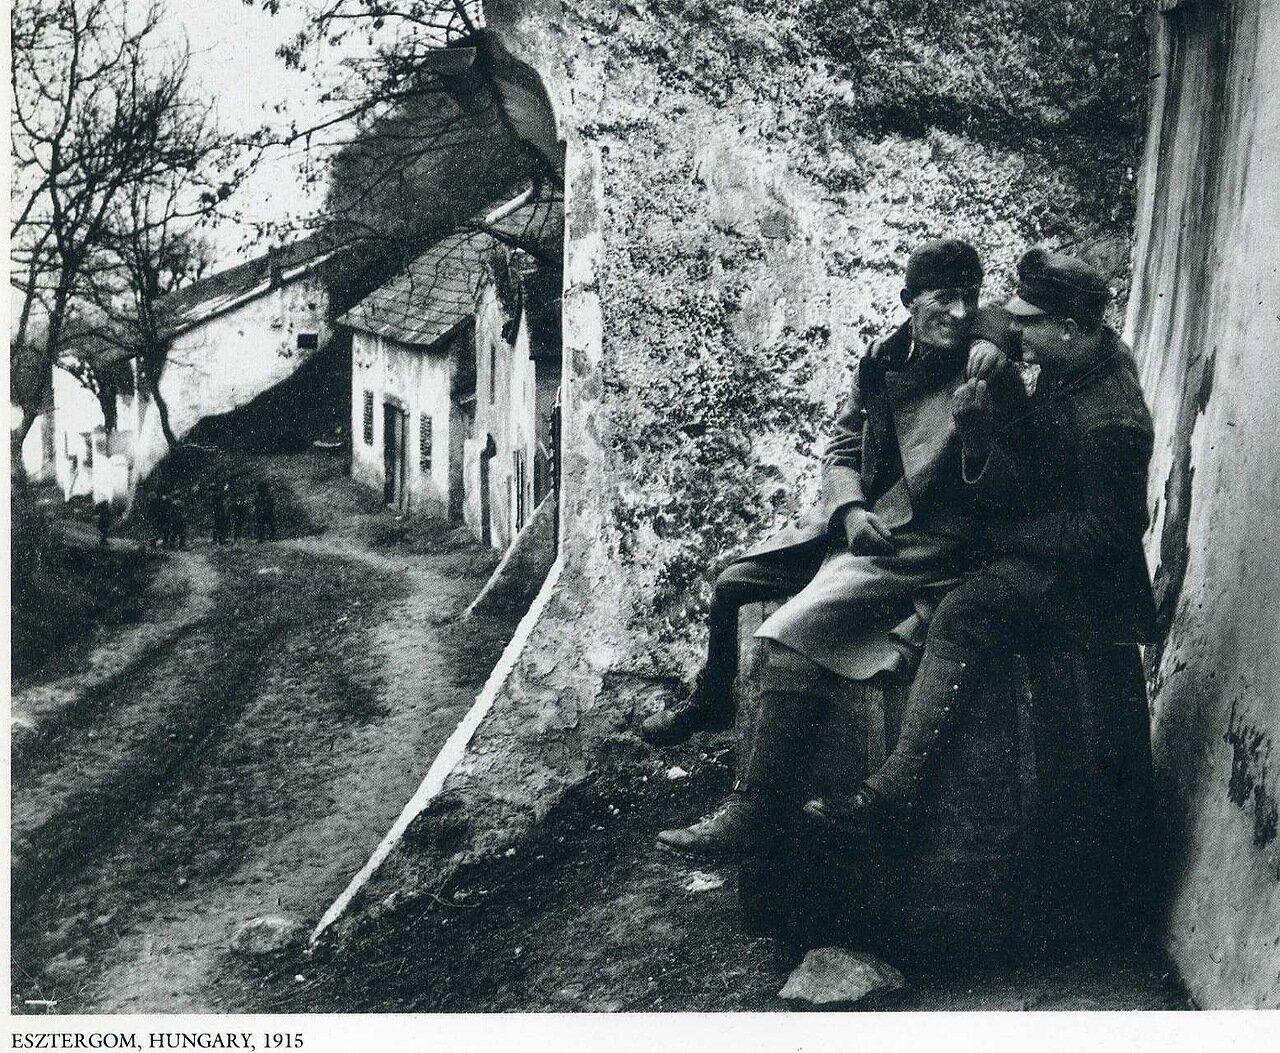 Эстергом, Венгрия. 1915